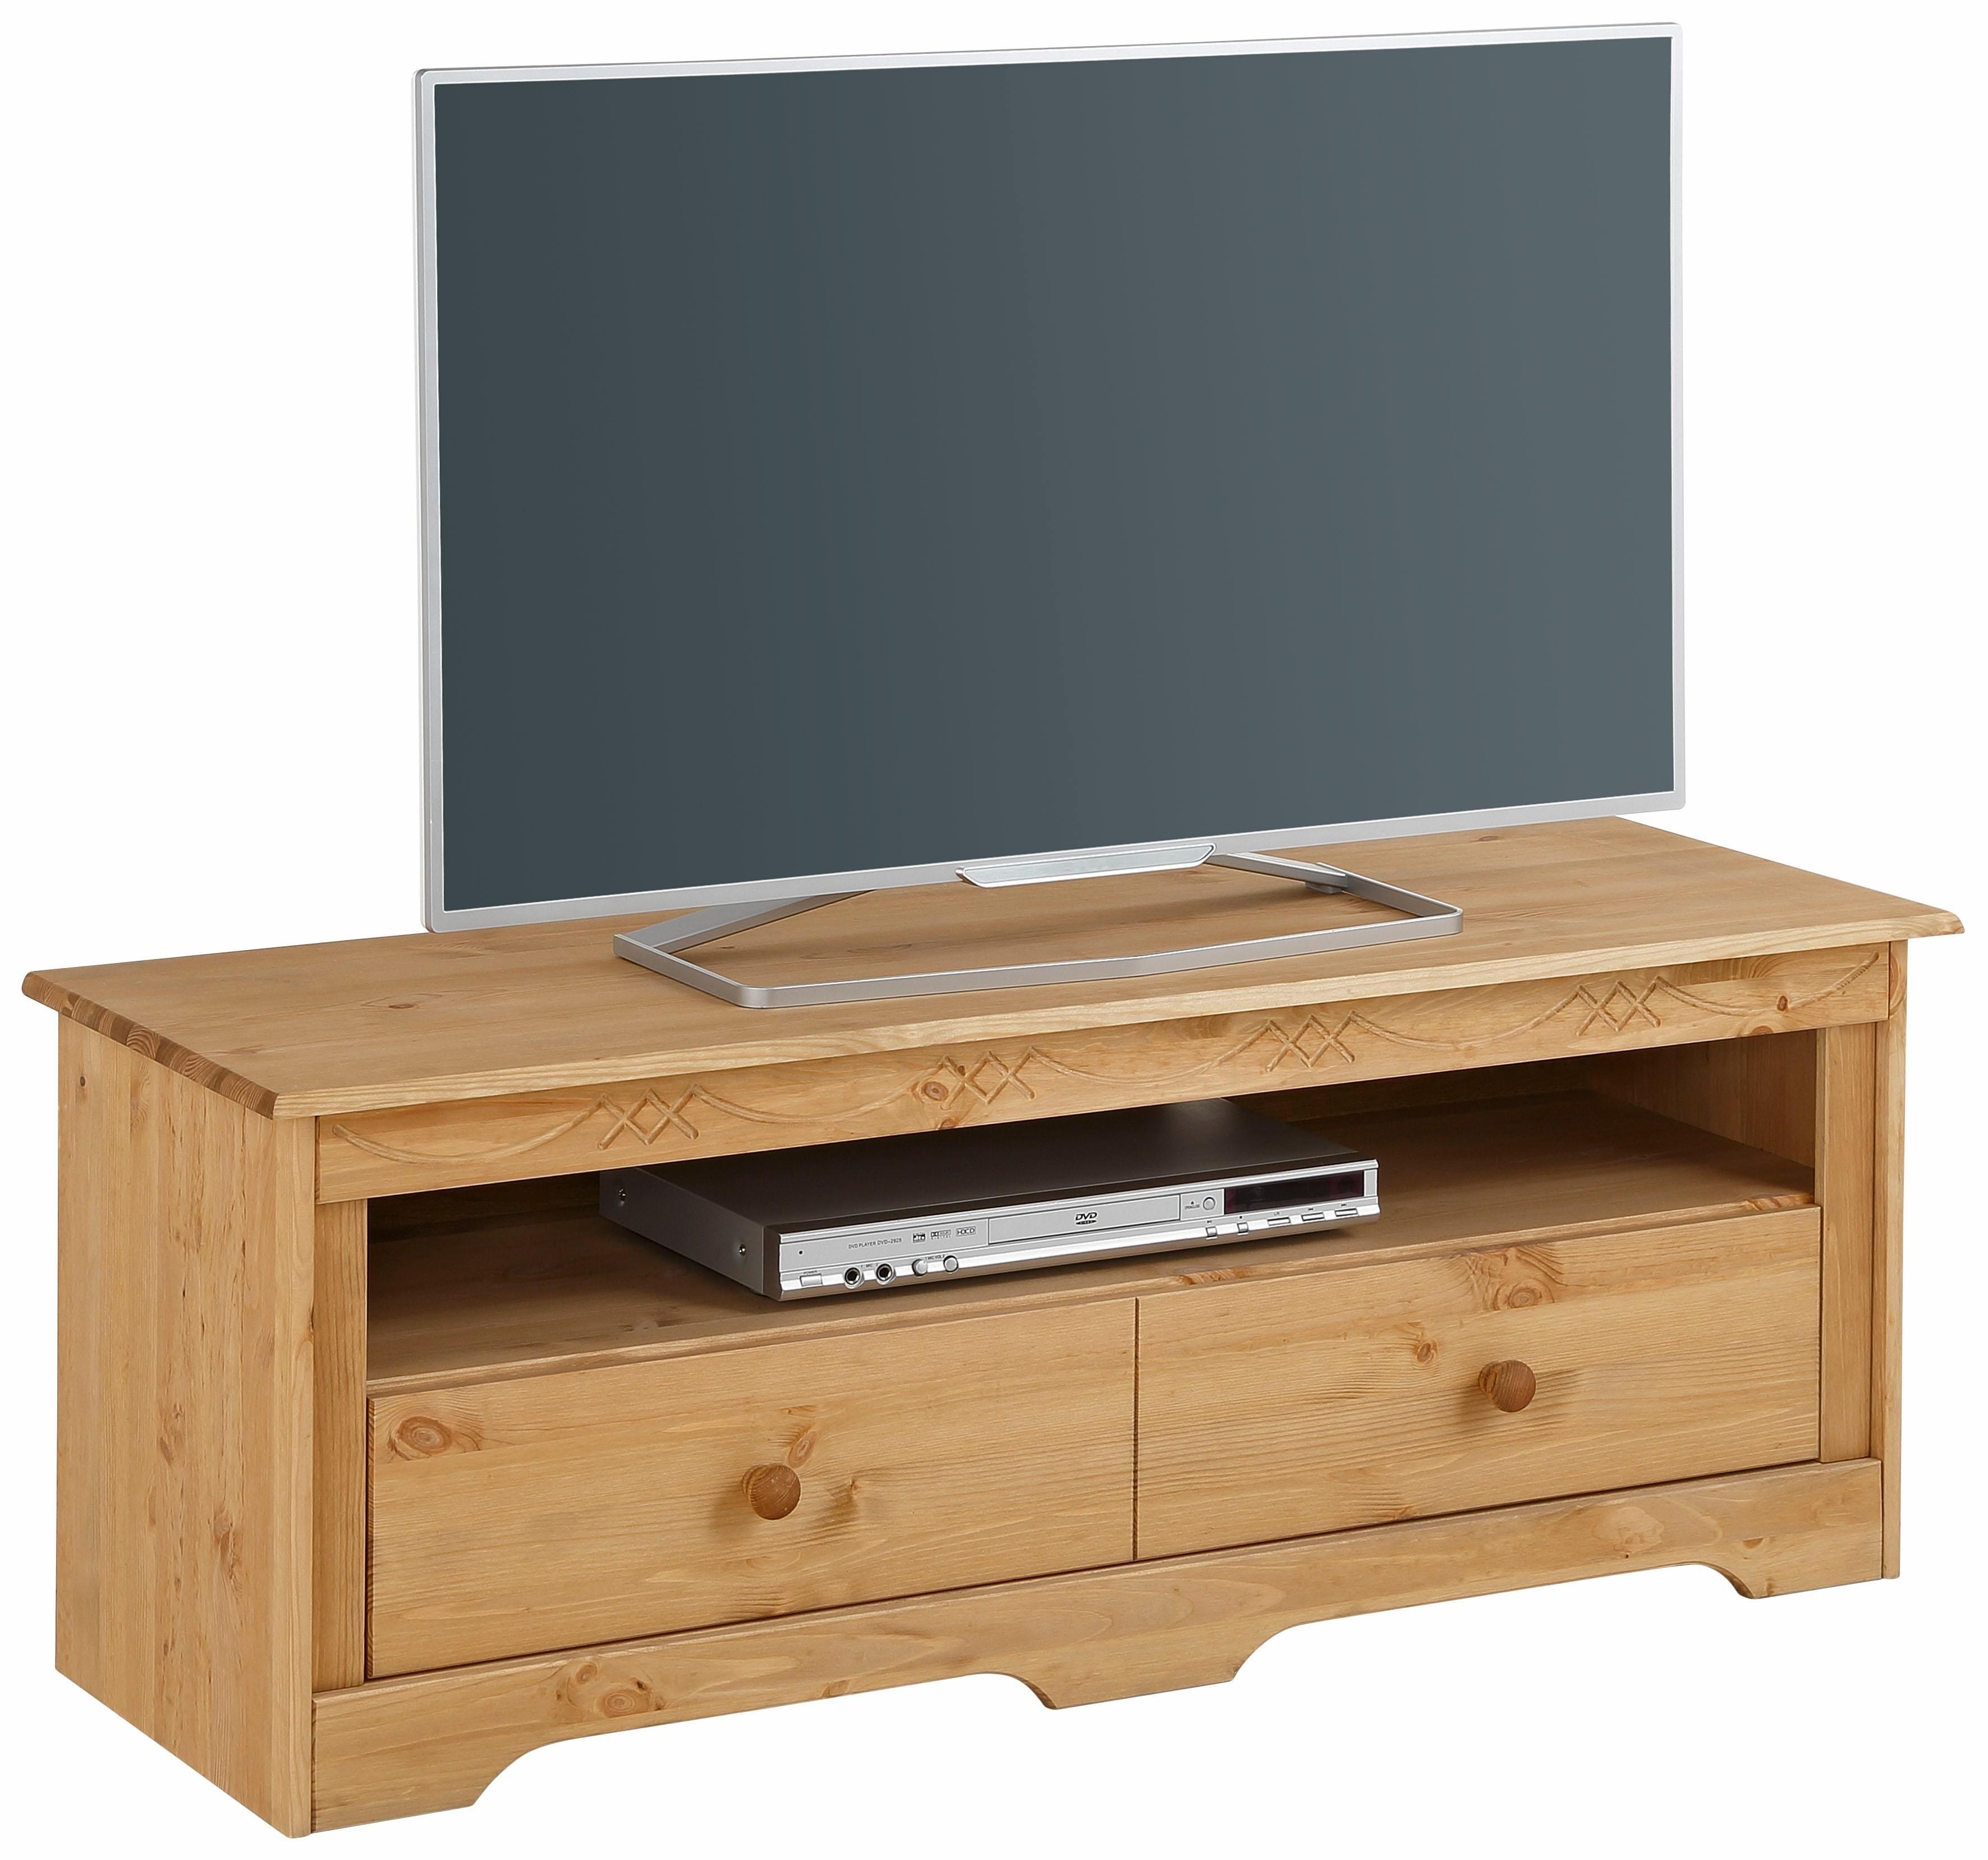 Home Affaire TV-meubel »Sofia«, breedte 120 cm voordelig en veilig online kopen